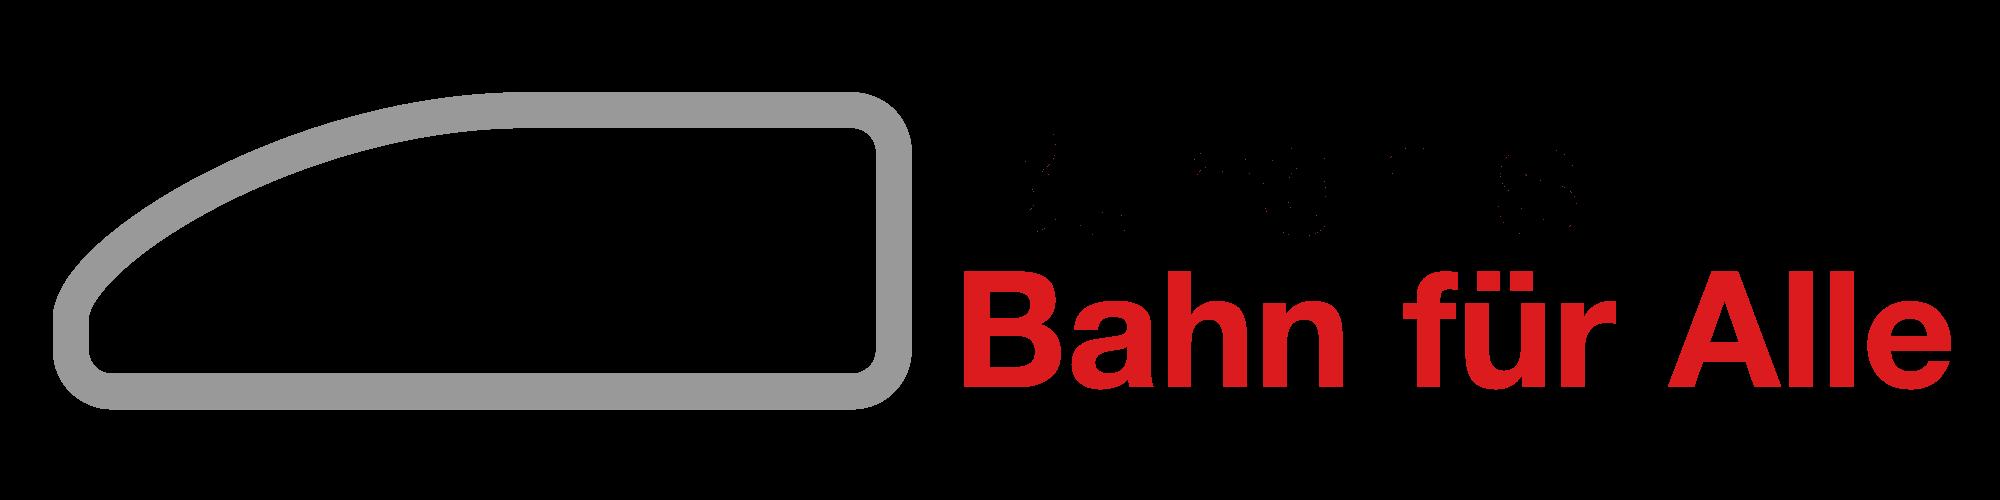 """Schriftzug: """"Bündnis Bahn für Alle"""", links davon eine stilisierte Lokomotive."""